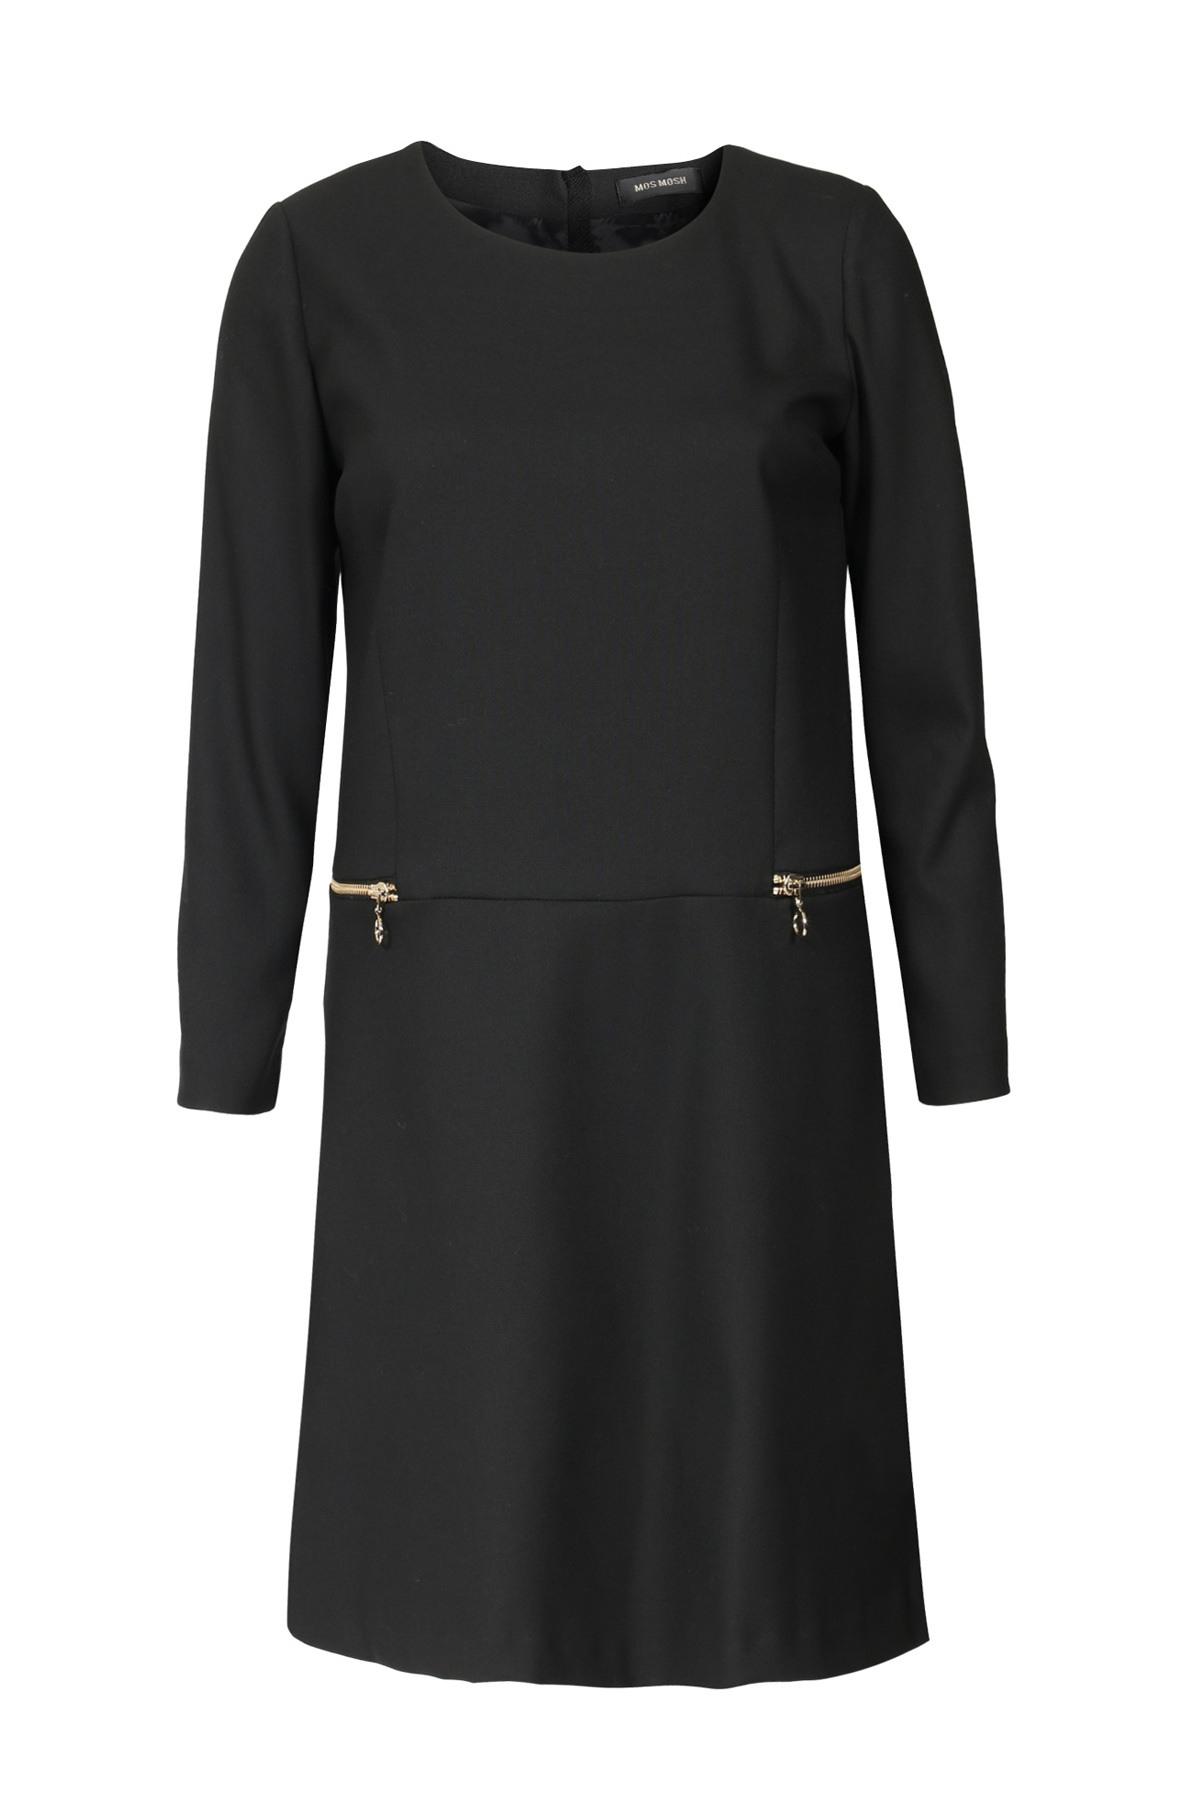 Kreativ Kleid Mit Vertrieb20 Perfekt Kleid Mit Vertrieb